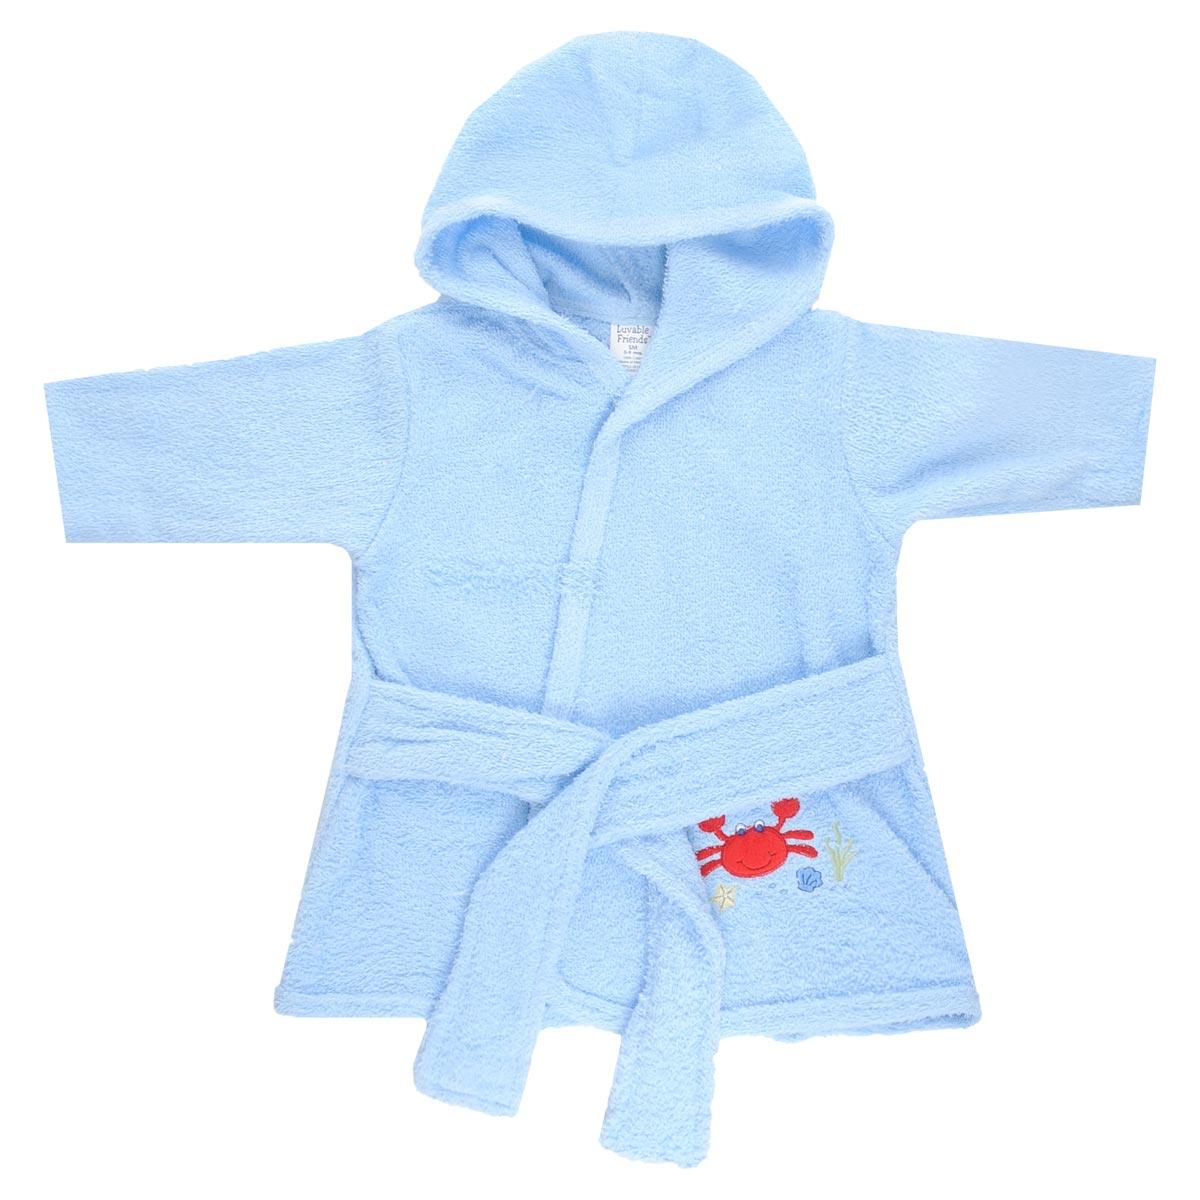 Комплект для новорожденного: халат, тапочки. 0515805158Прекрасный комплект для новорожденного Luvable Friends состоит из банного халатика с капюшоном и тапочек-пинеток. Махровая поверхность хорошо впитывает влагу, защищая малыша от переохлаждения. Халатик и тапочки оформлены оригинальными вышивками. Халат на талии дополнен широким пояском, а тапочки эластичной перетяжкой, благодаря чему надежно держаться на ножке. В таком комплекте вашему малышу будет тепло и уютно после купания.